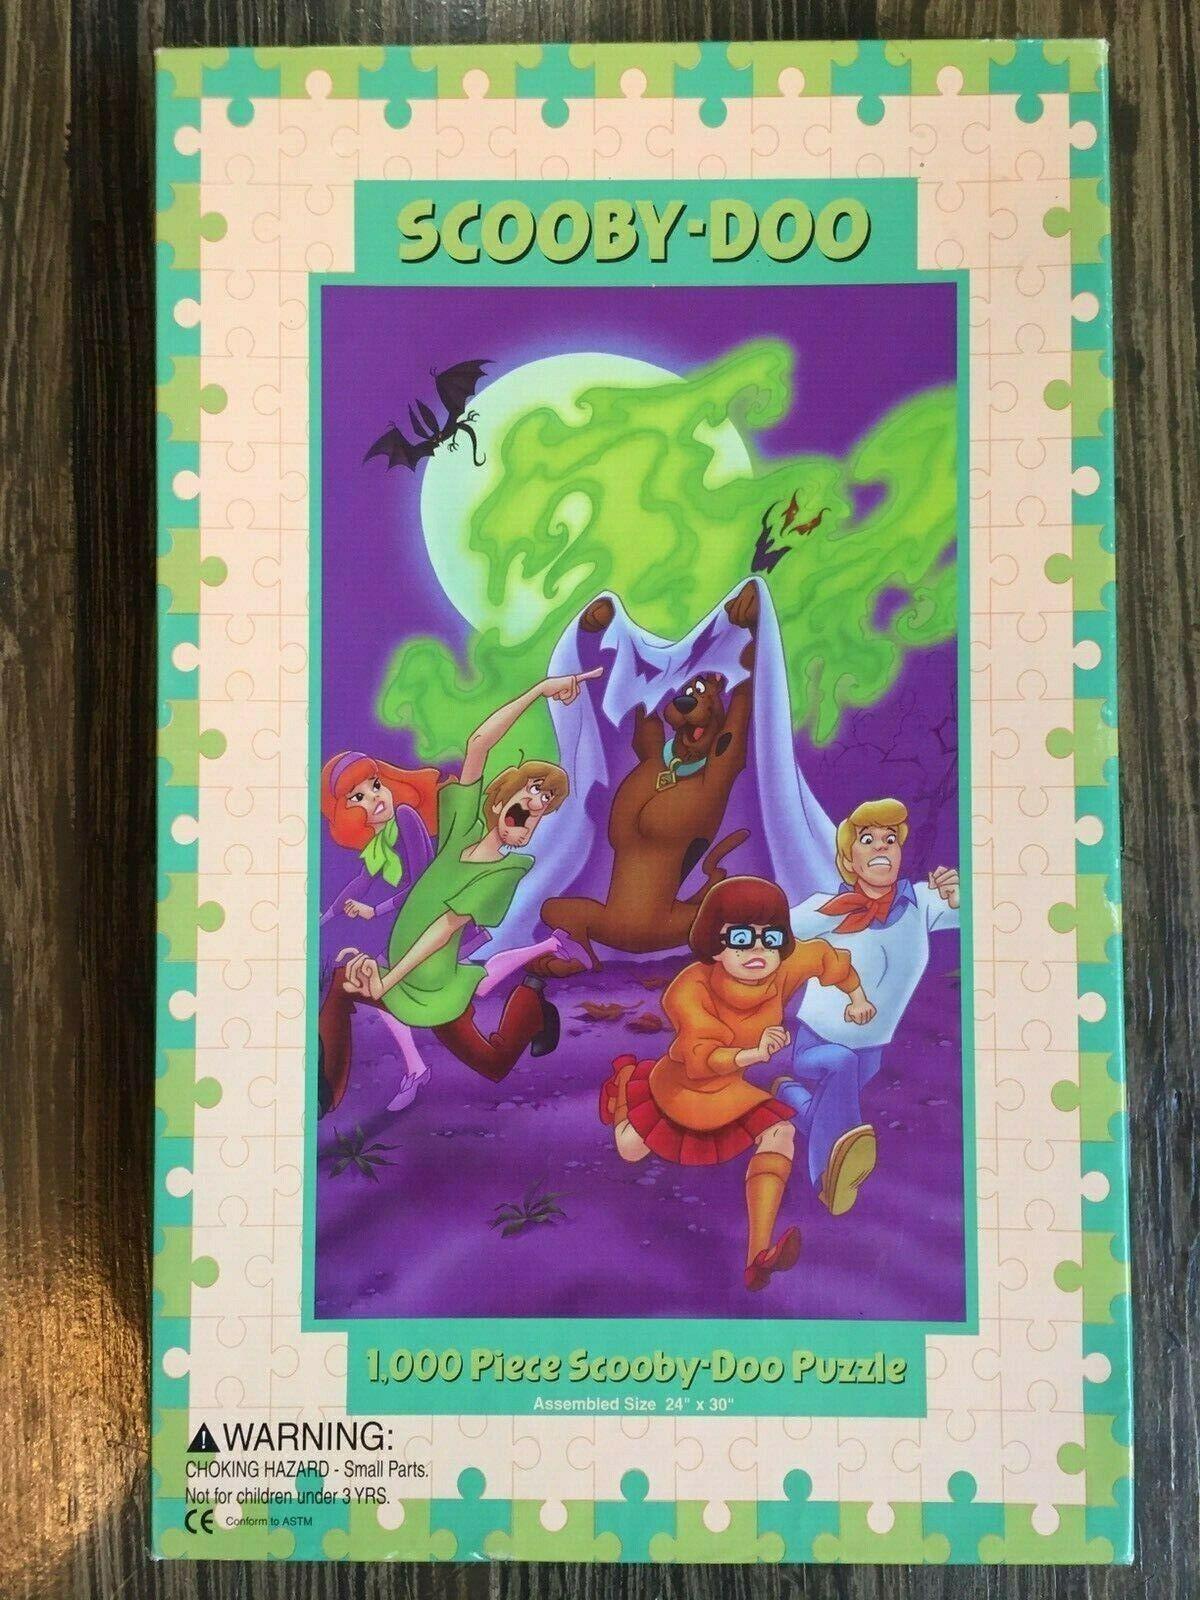 SUPER  RARE Scooby Doo 1000 Piece Jigsaw Puzzle 1997 Warner Bros  comprare a buon mercato